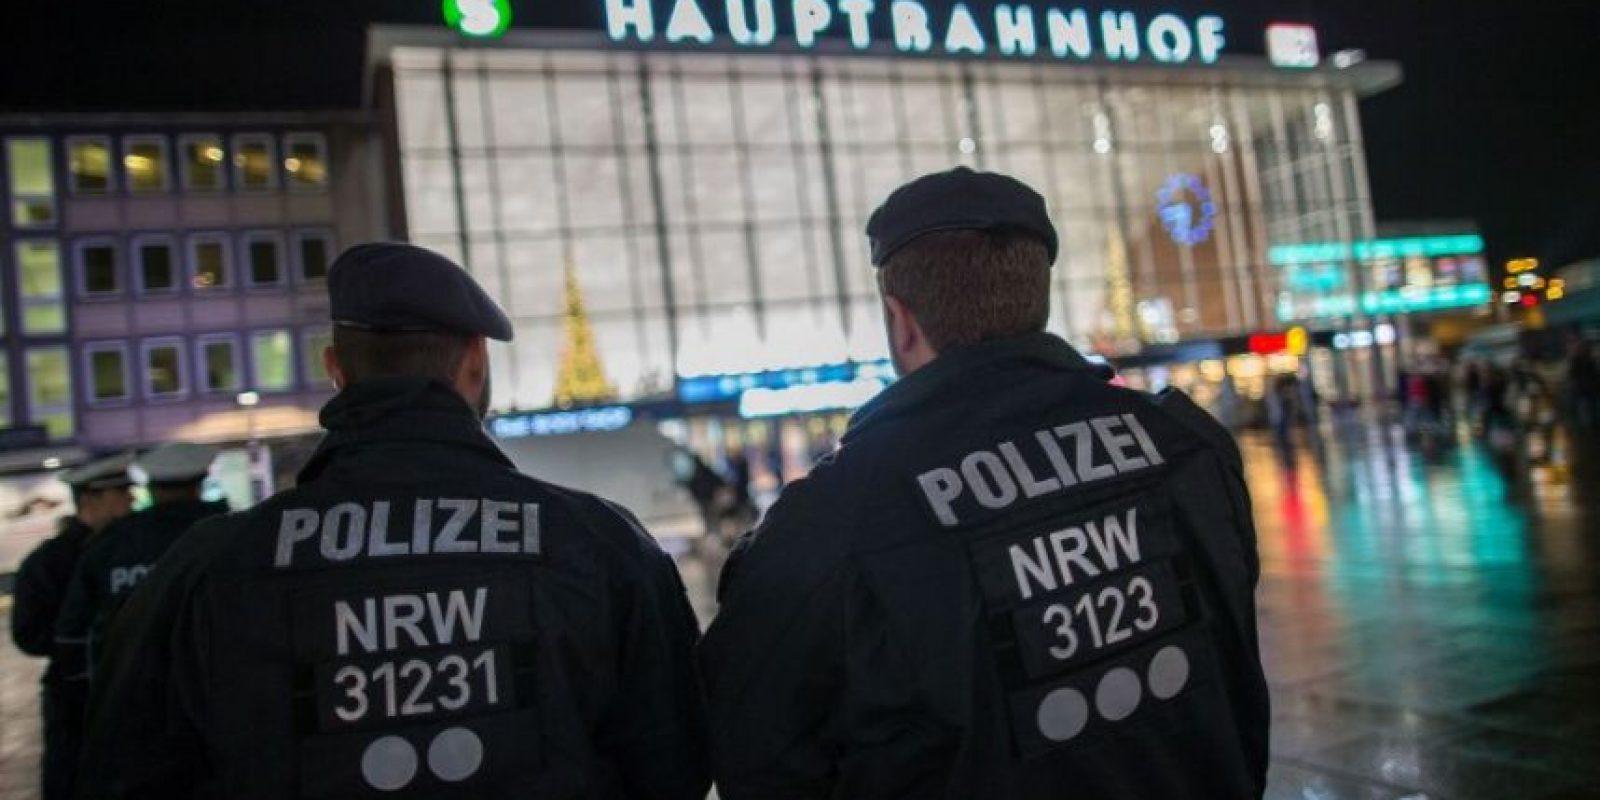 Incluidas Hamburgo, donde la cifra de denuncias alcanza los 133. Foto:AFP